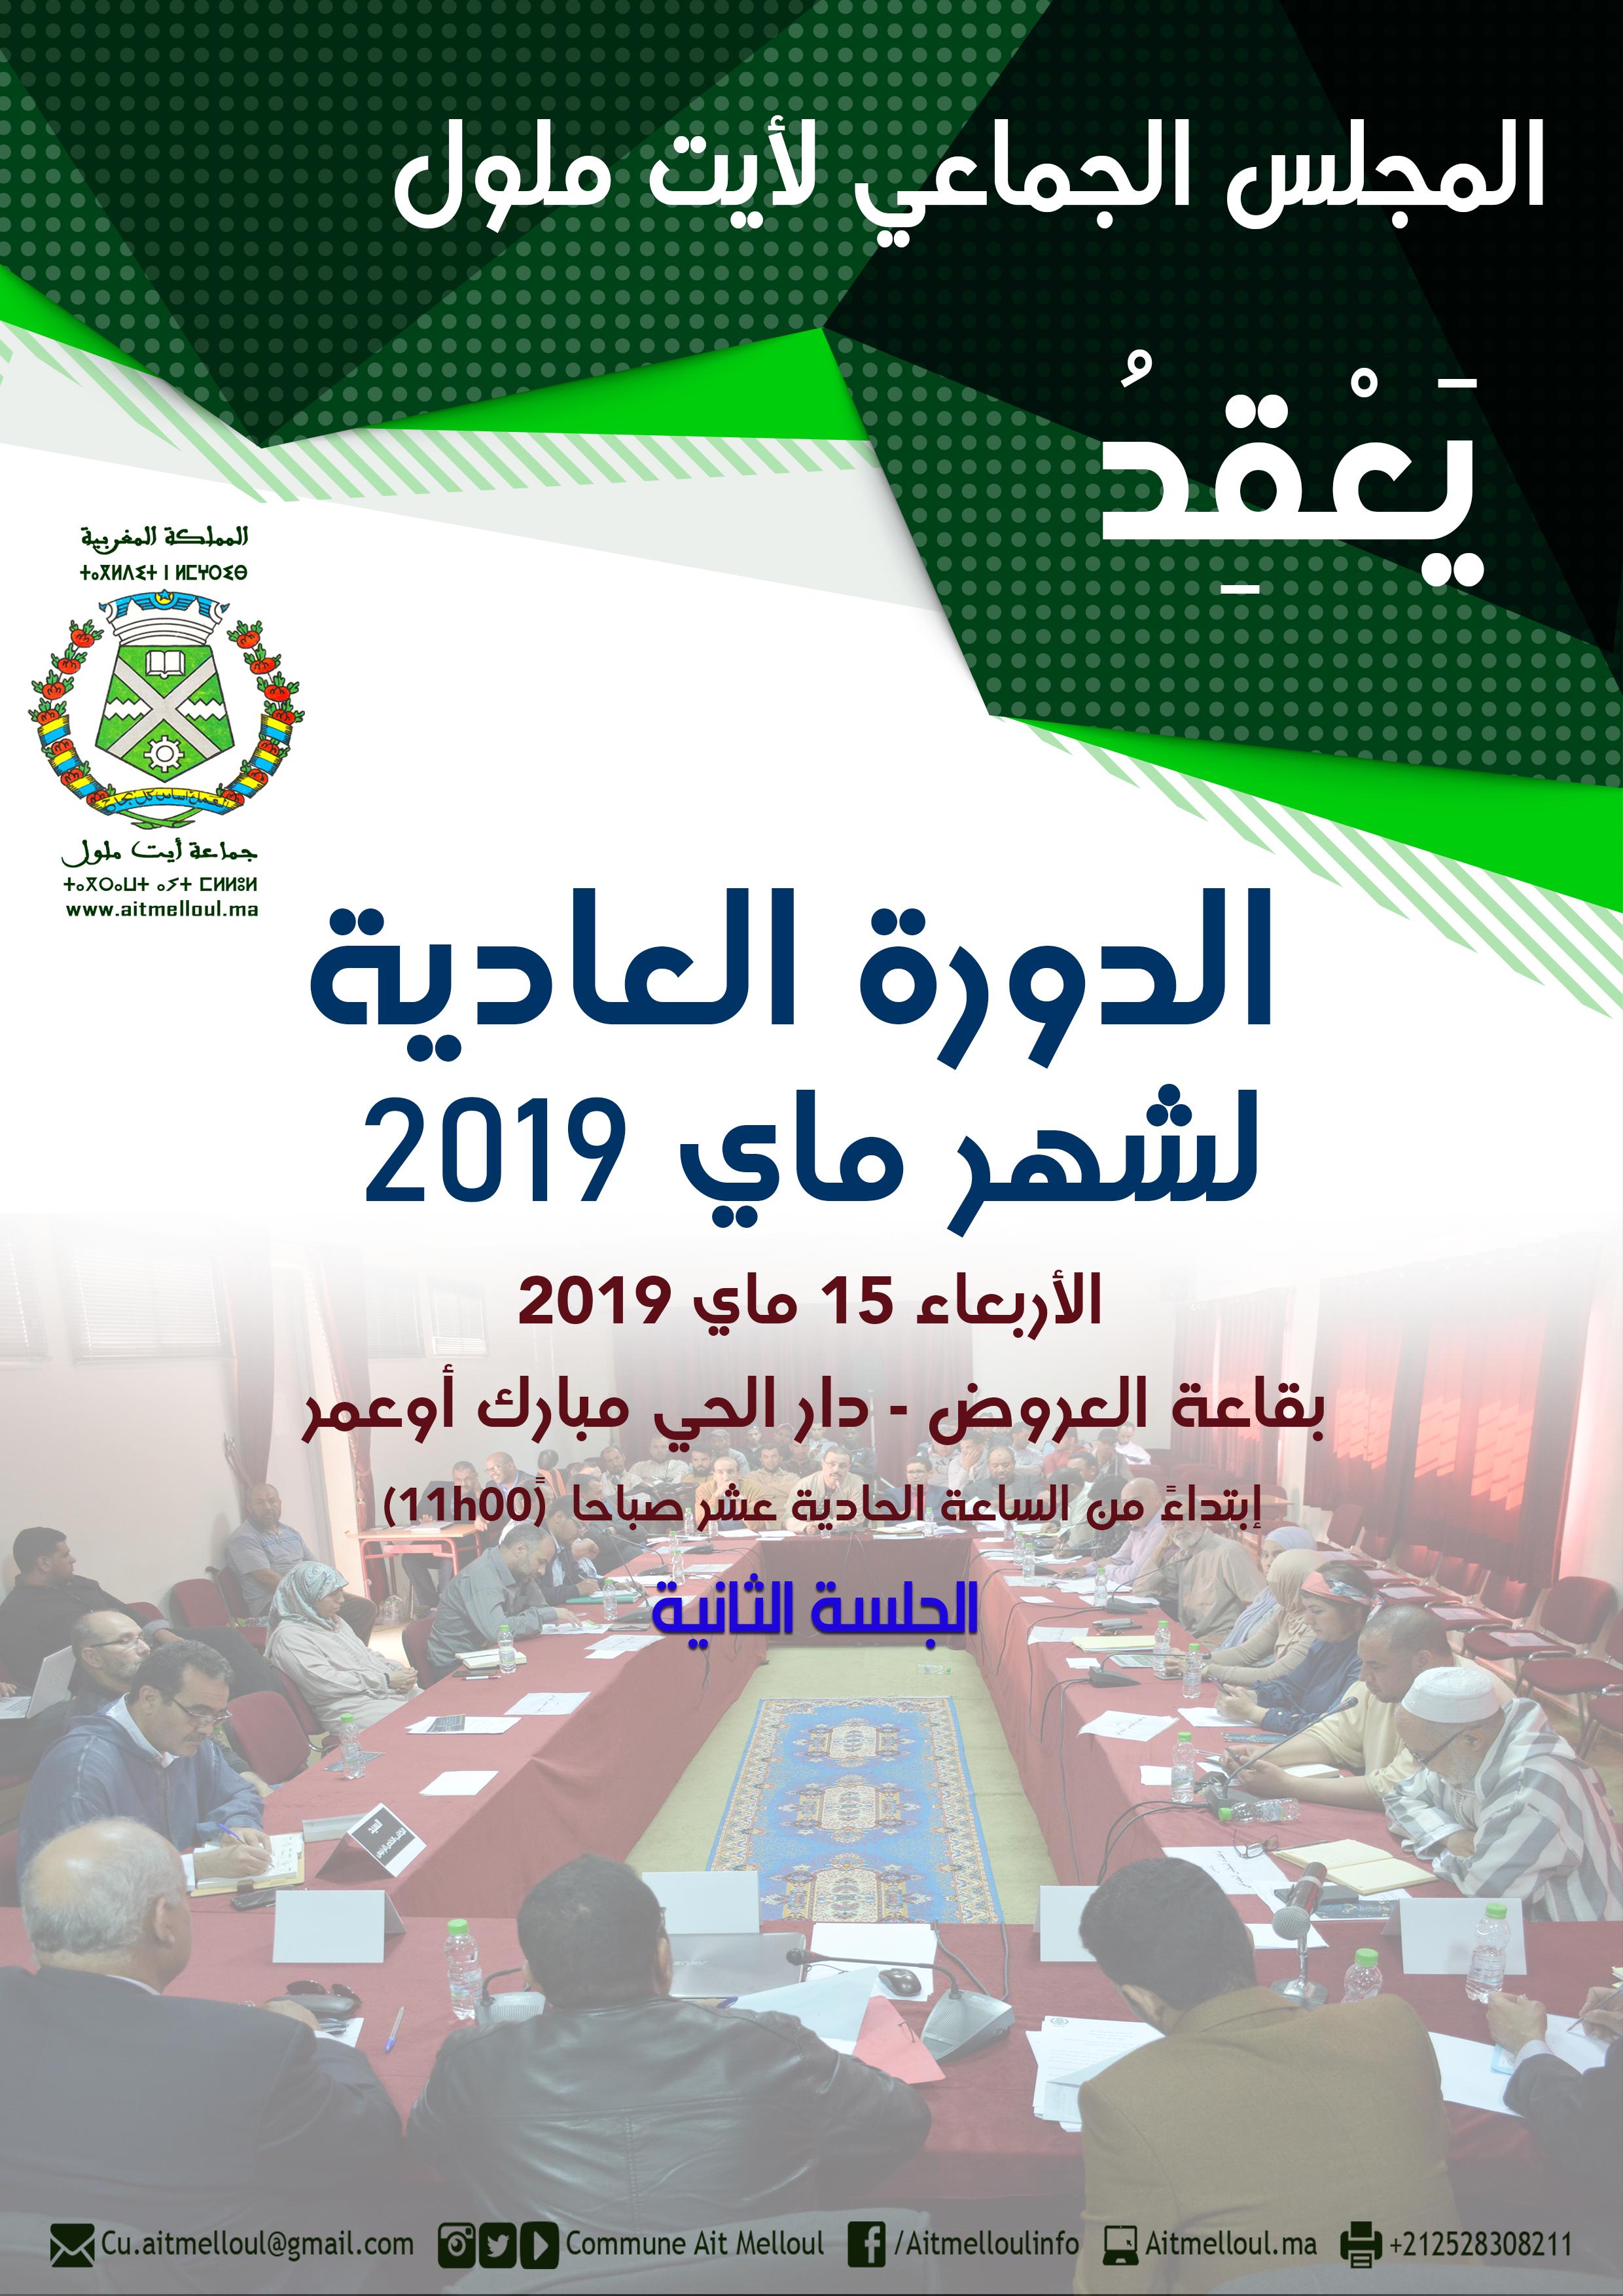 المجلس يعقد الجلسة الثانية للدورة العادية لشهر ماي 2019 ويناقش النقط المدرجة في جدول أعماله